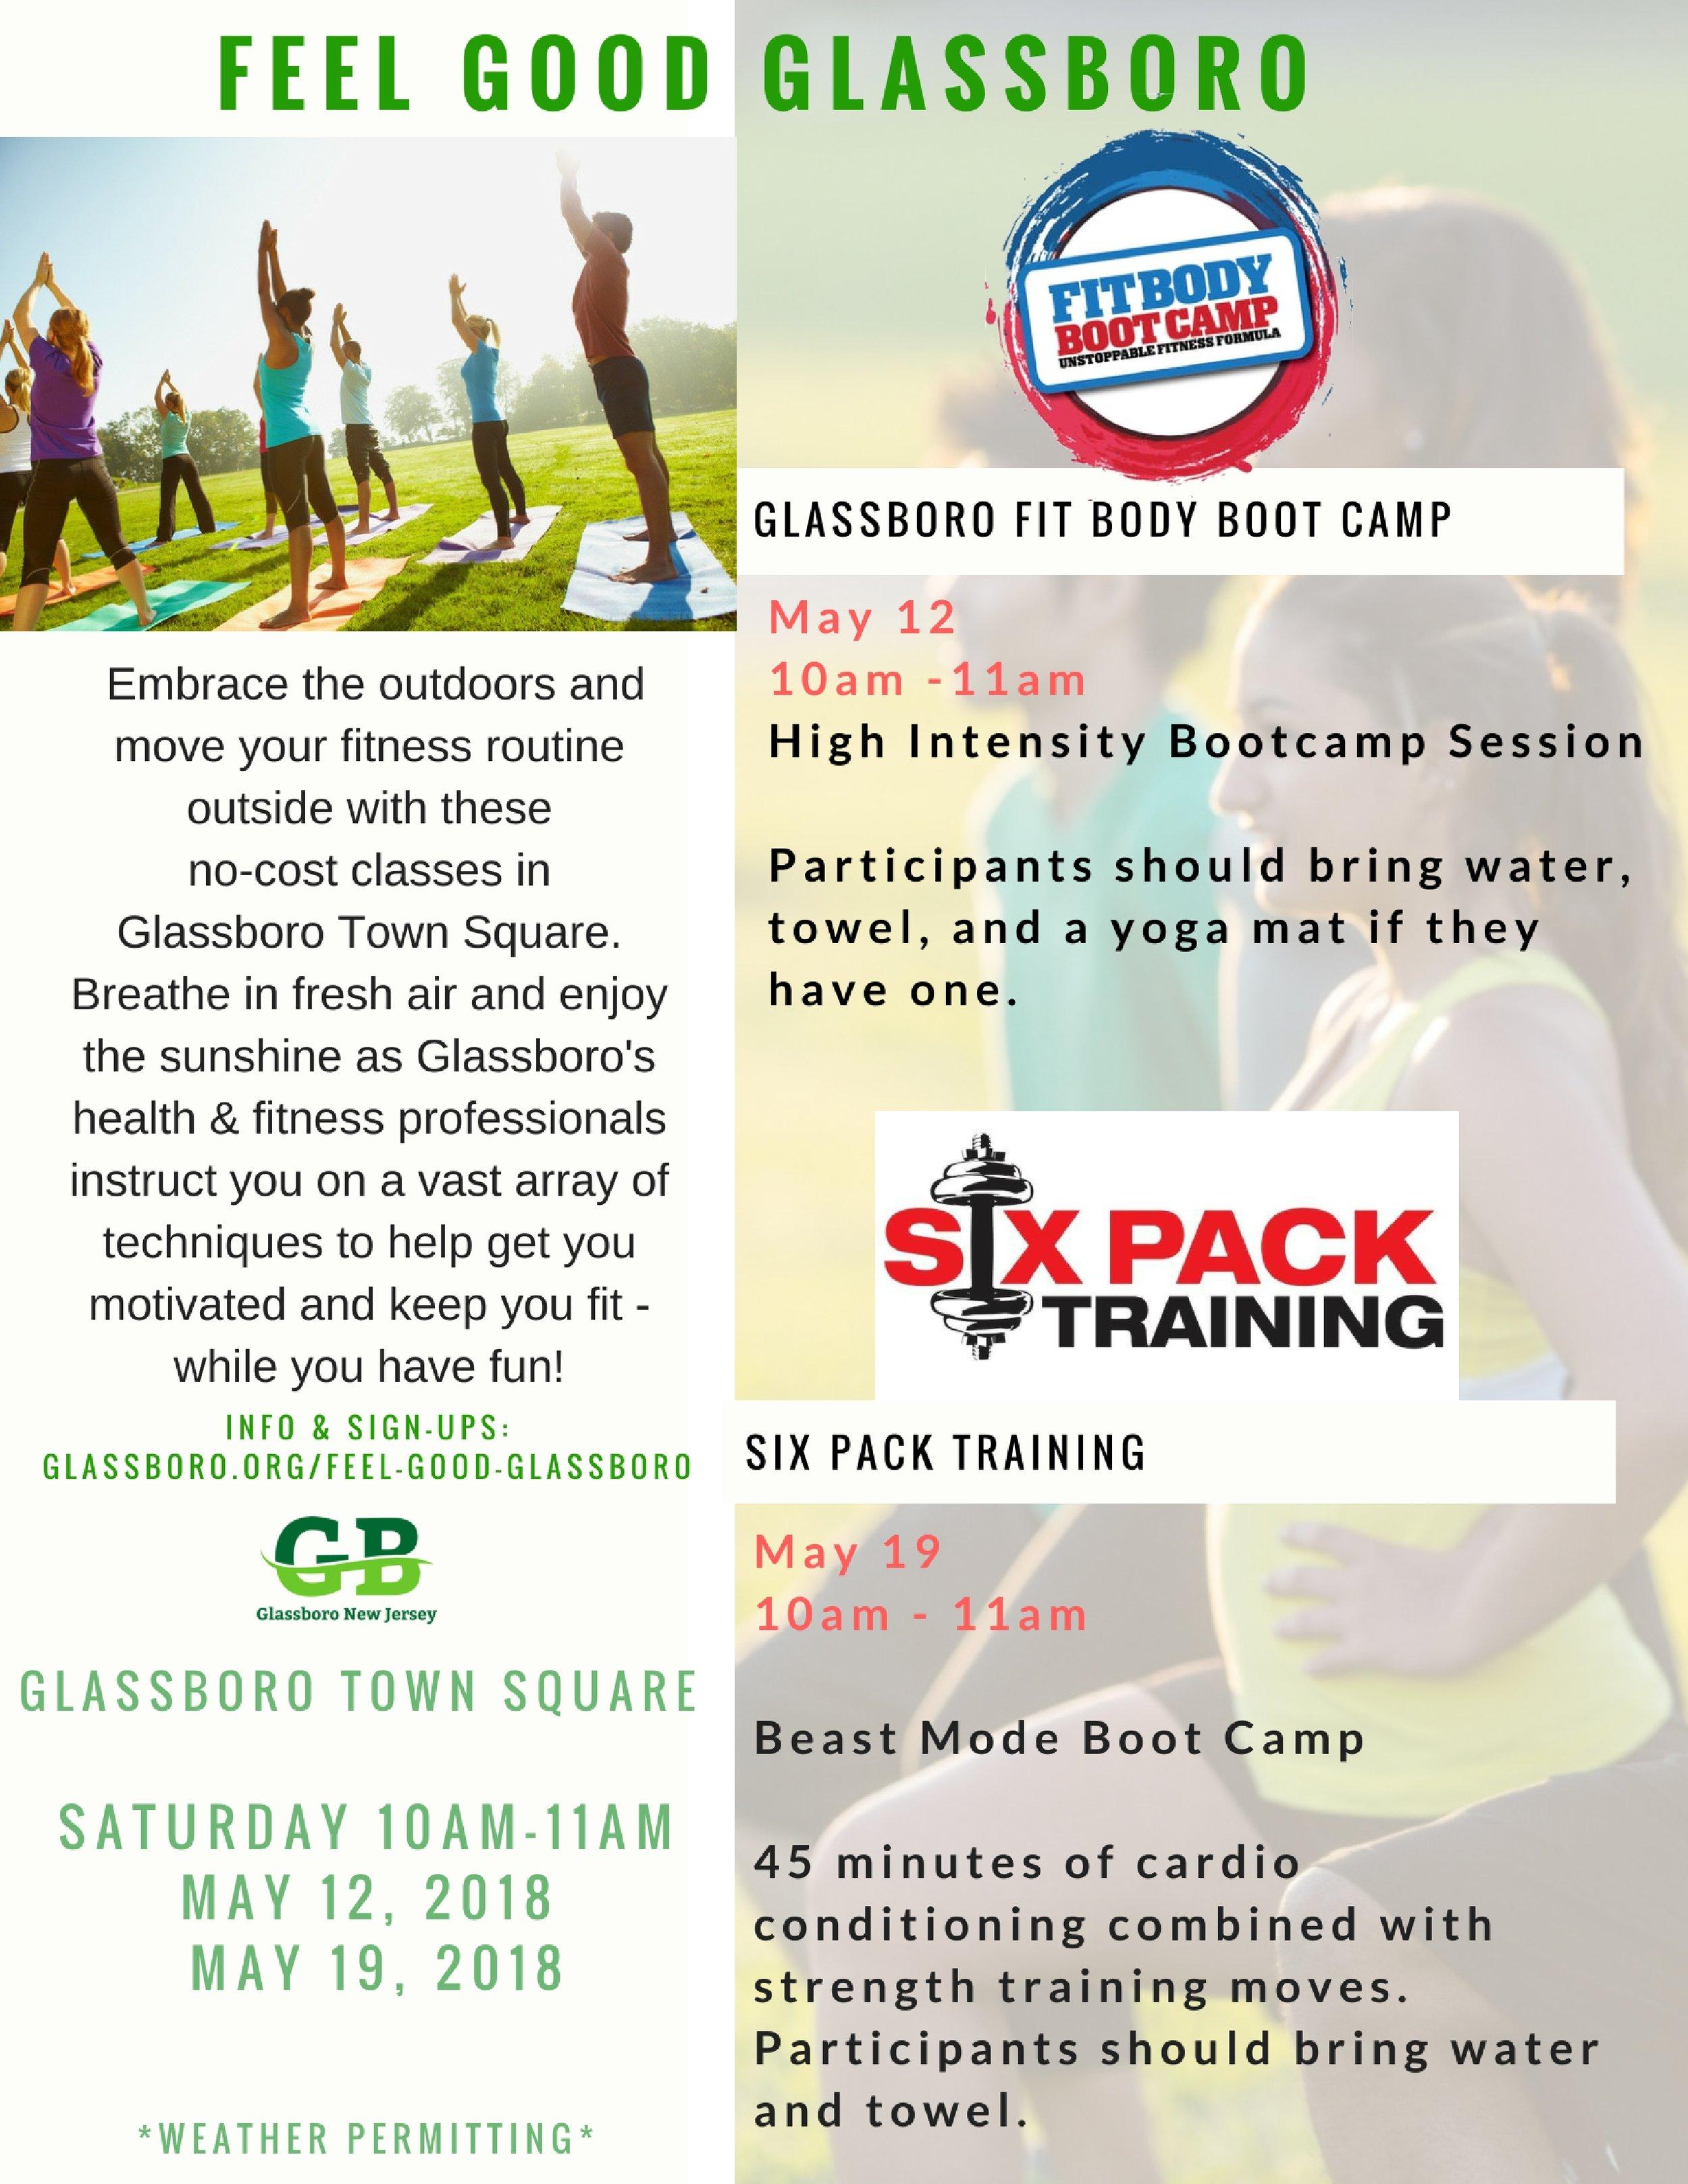 Feel Good Glassboro exercise days in Glassboro Town Square.jpg